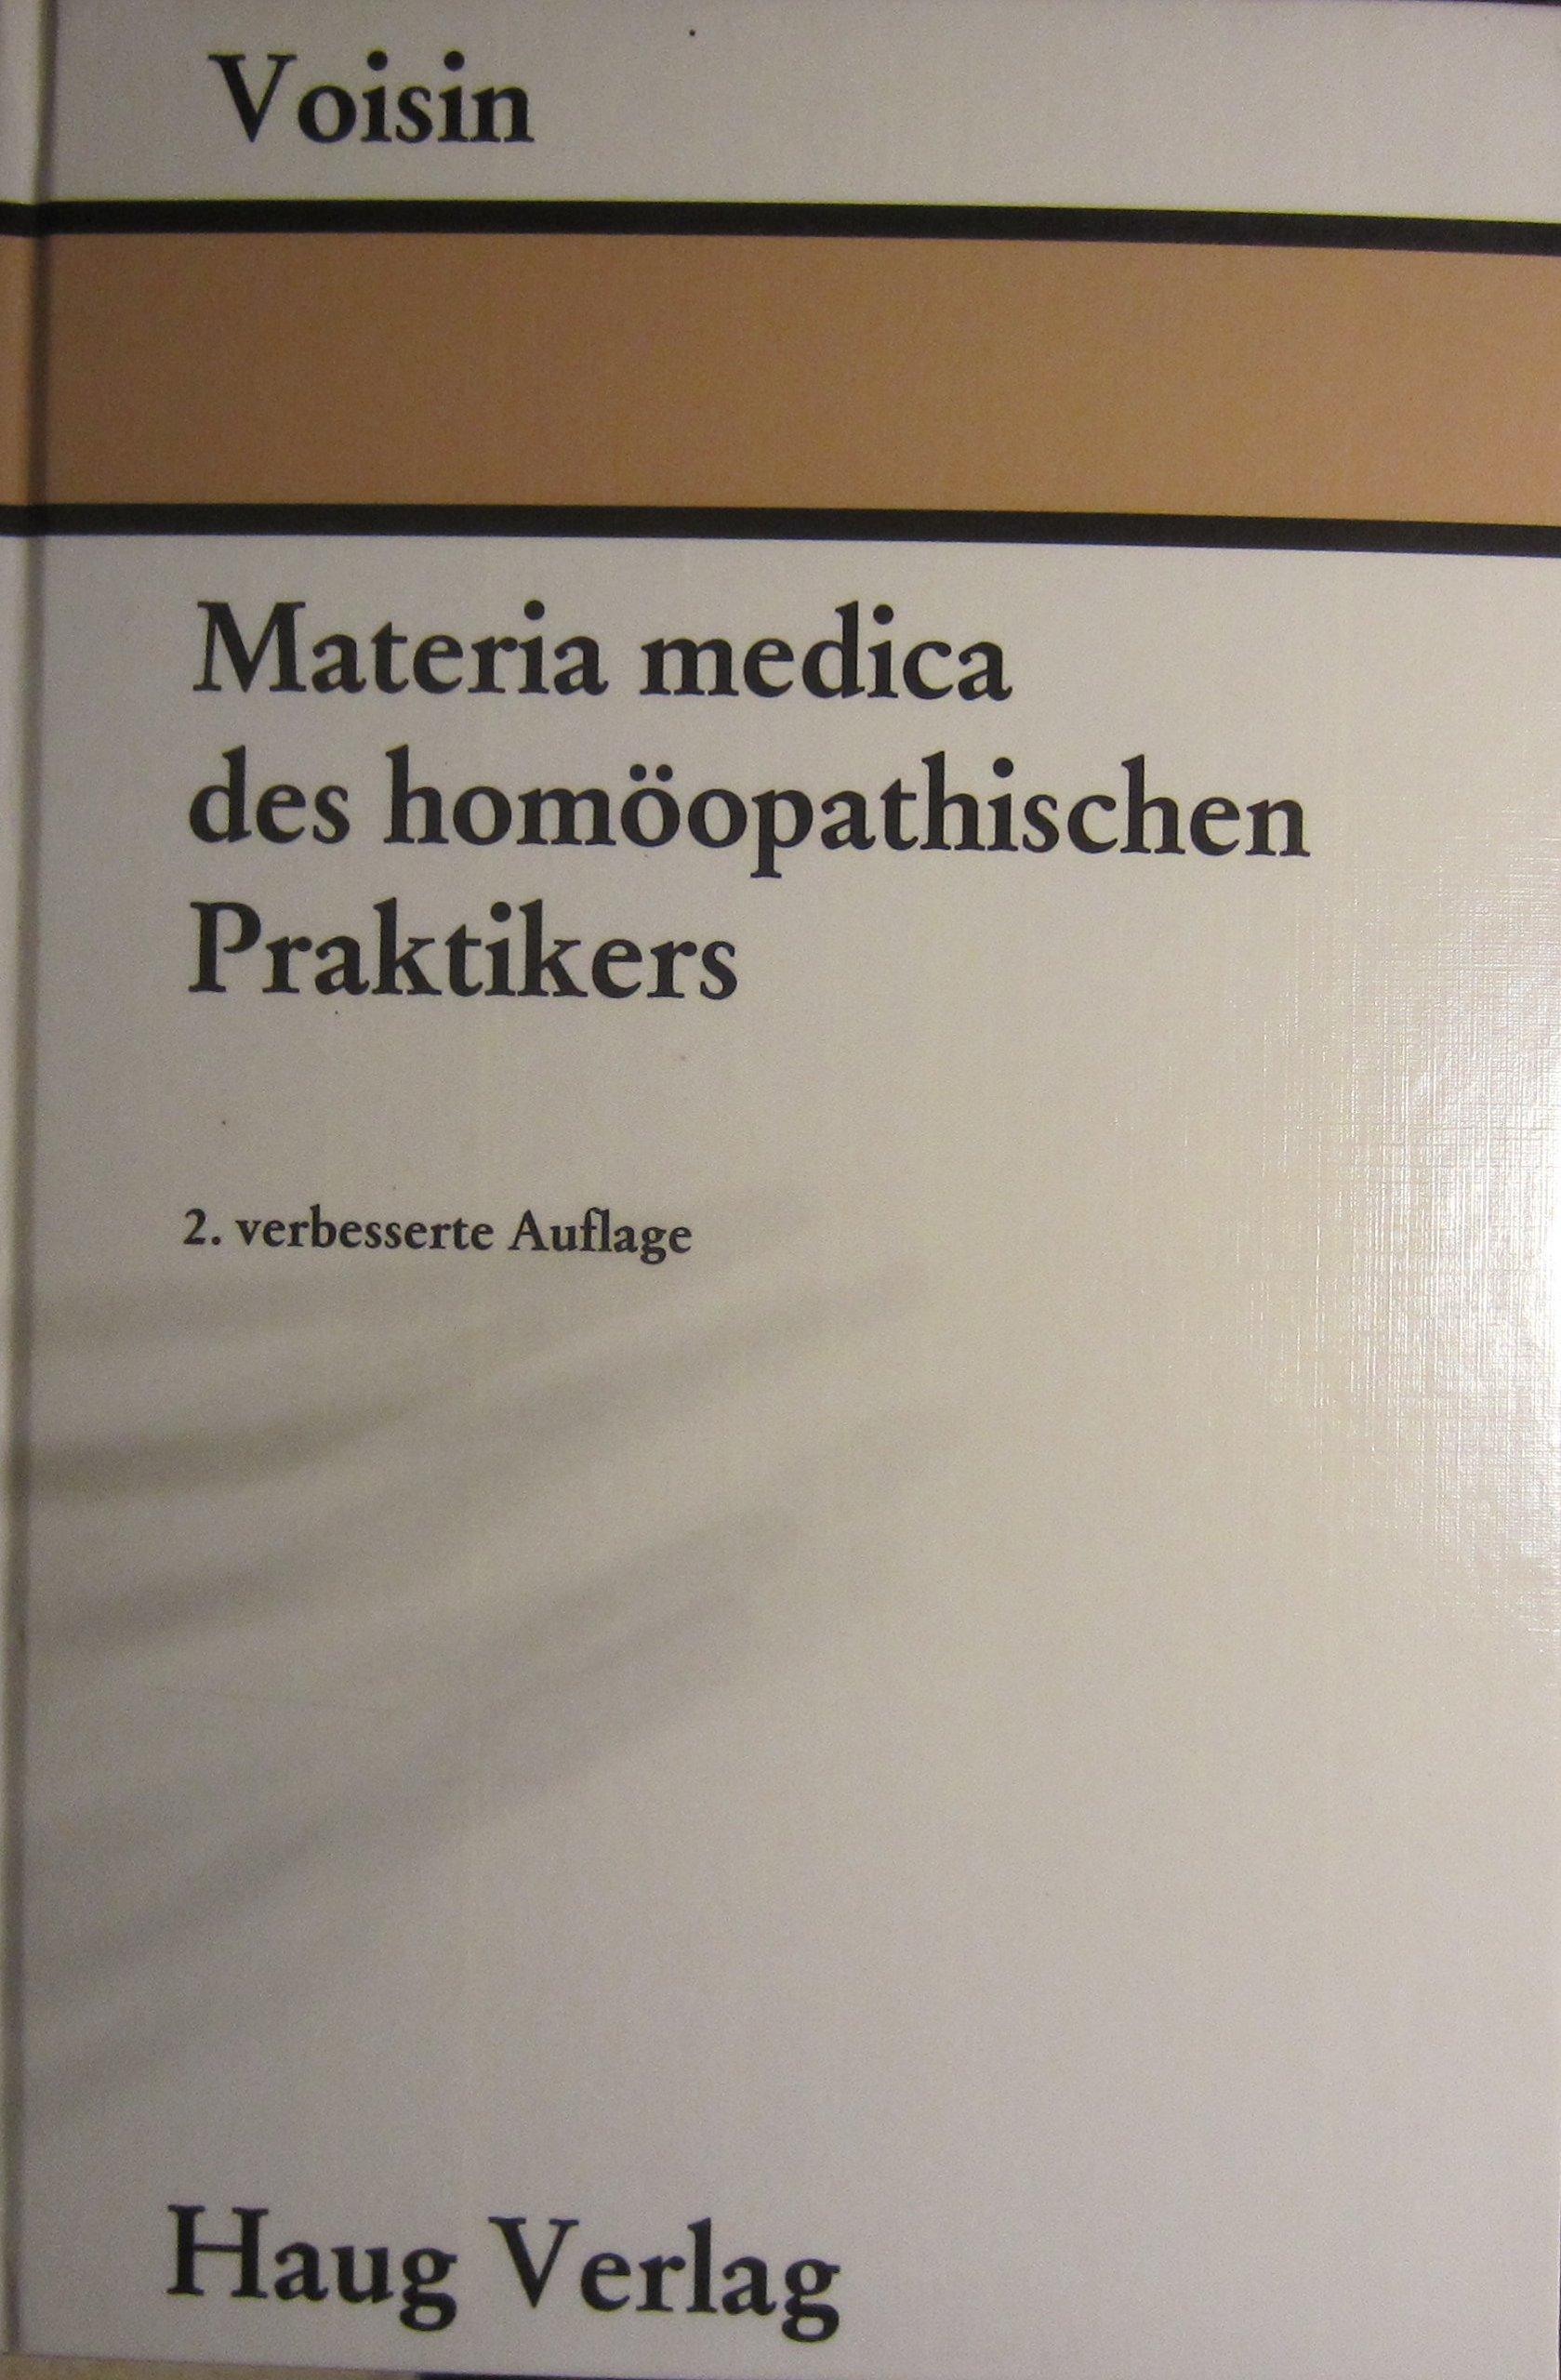 Materia medica des homöopathischen Praktikers